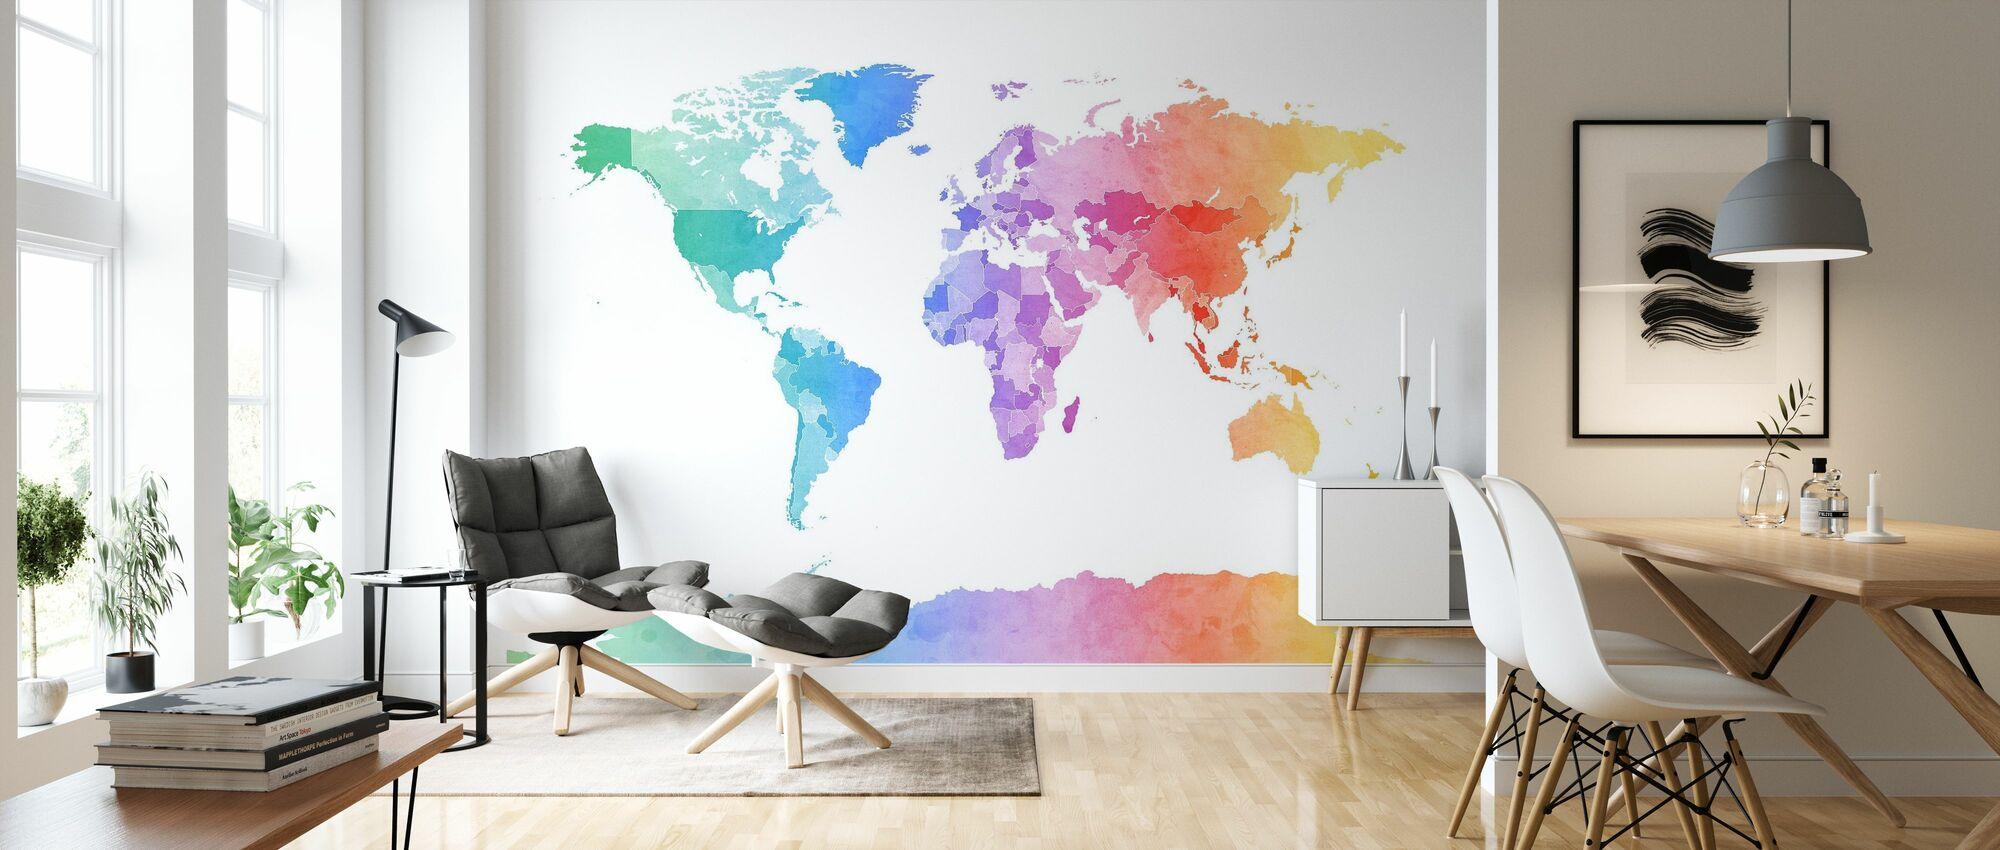 Acuarela Mapa del Mundo Colores Blandos - Papel pintado - Salón